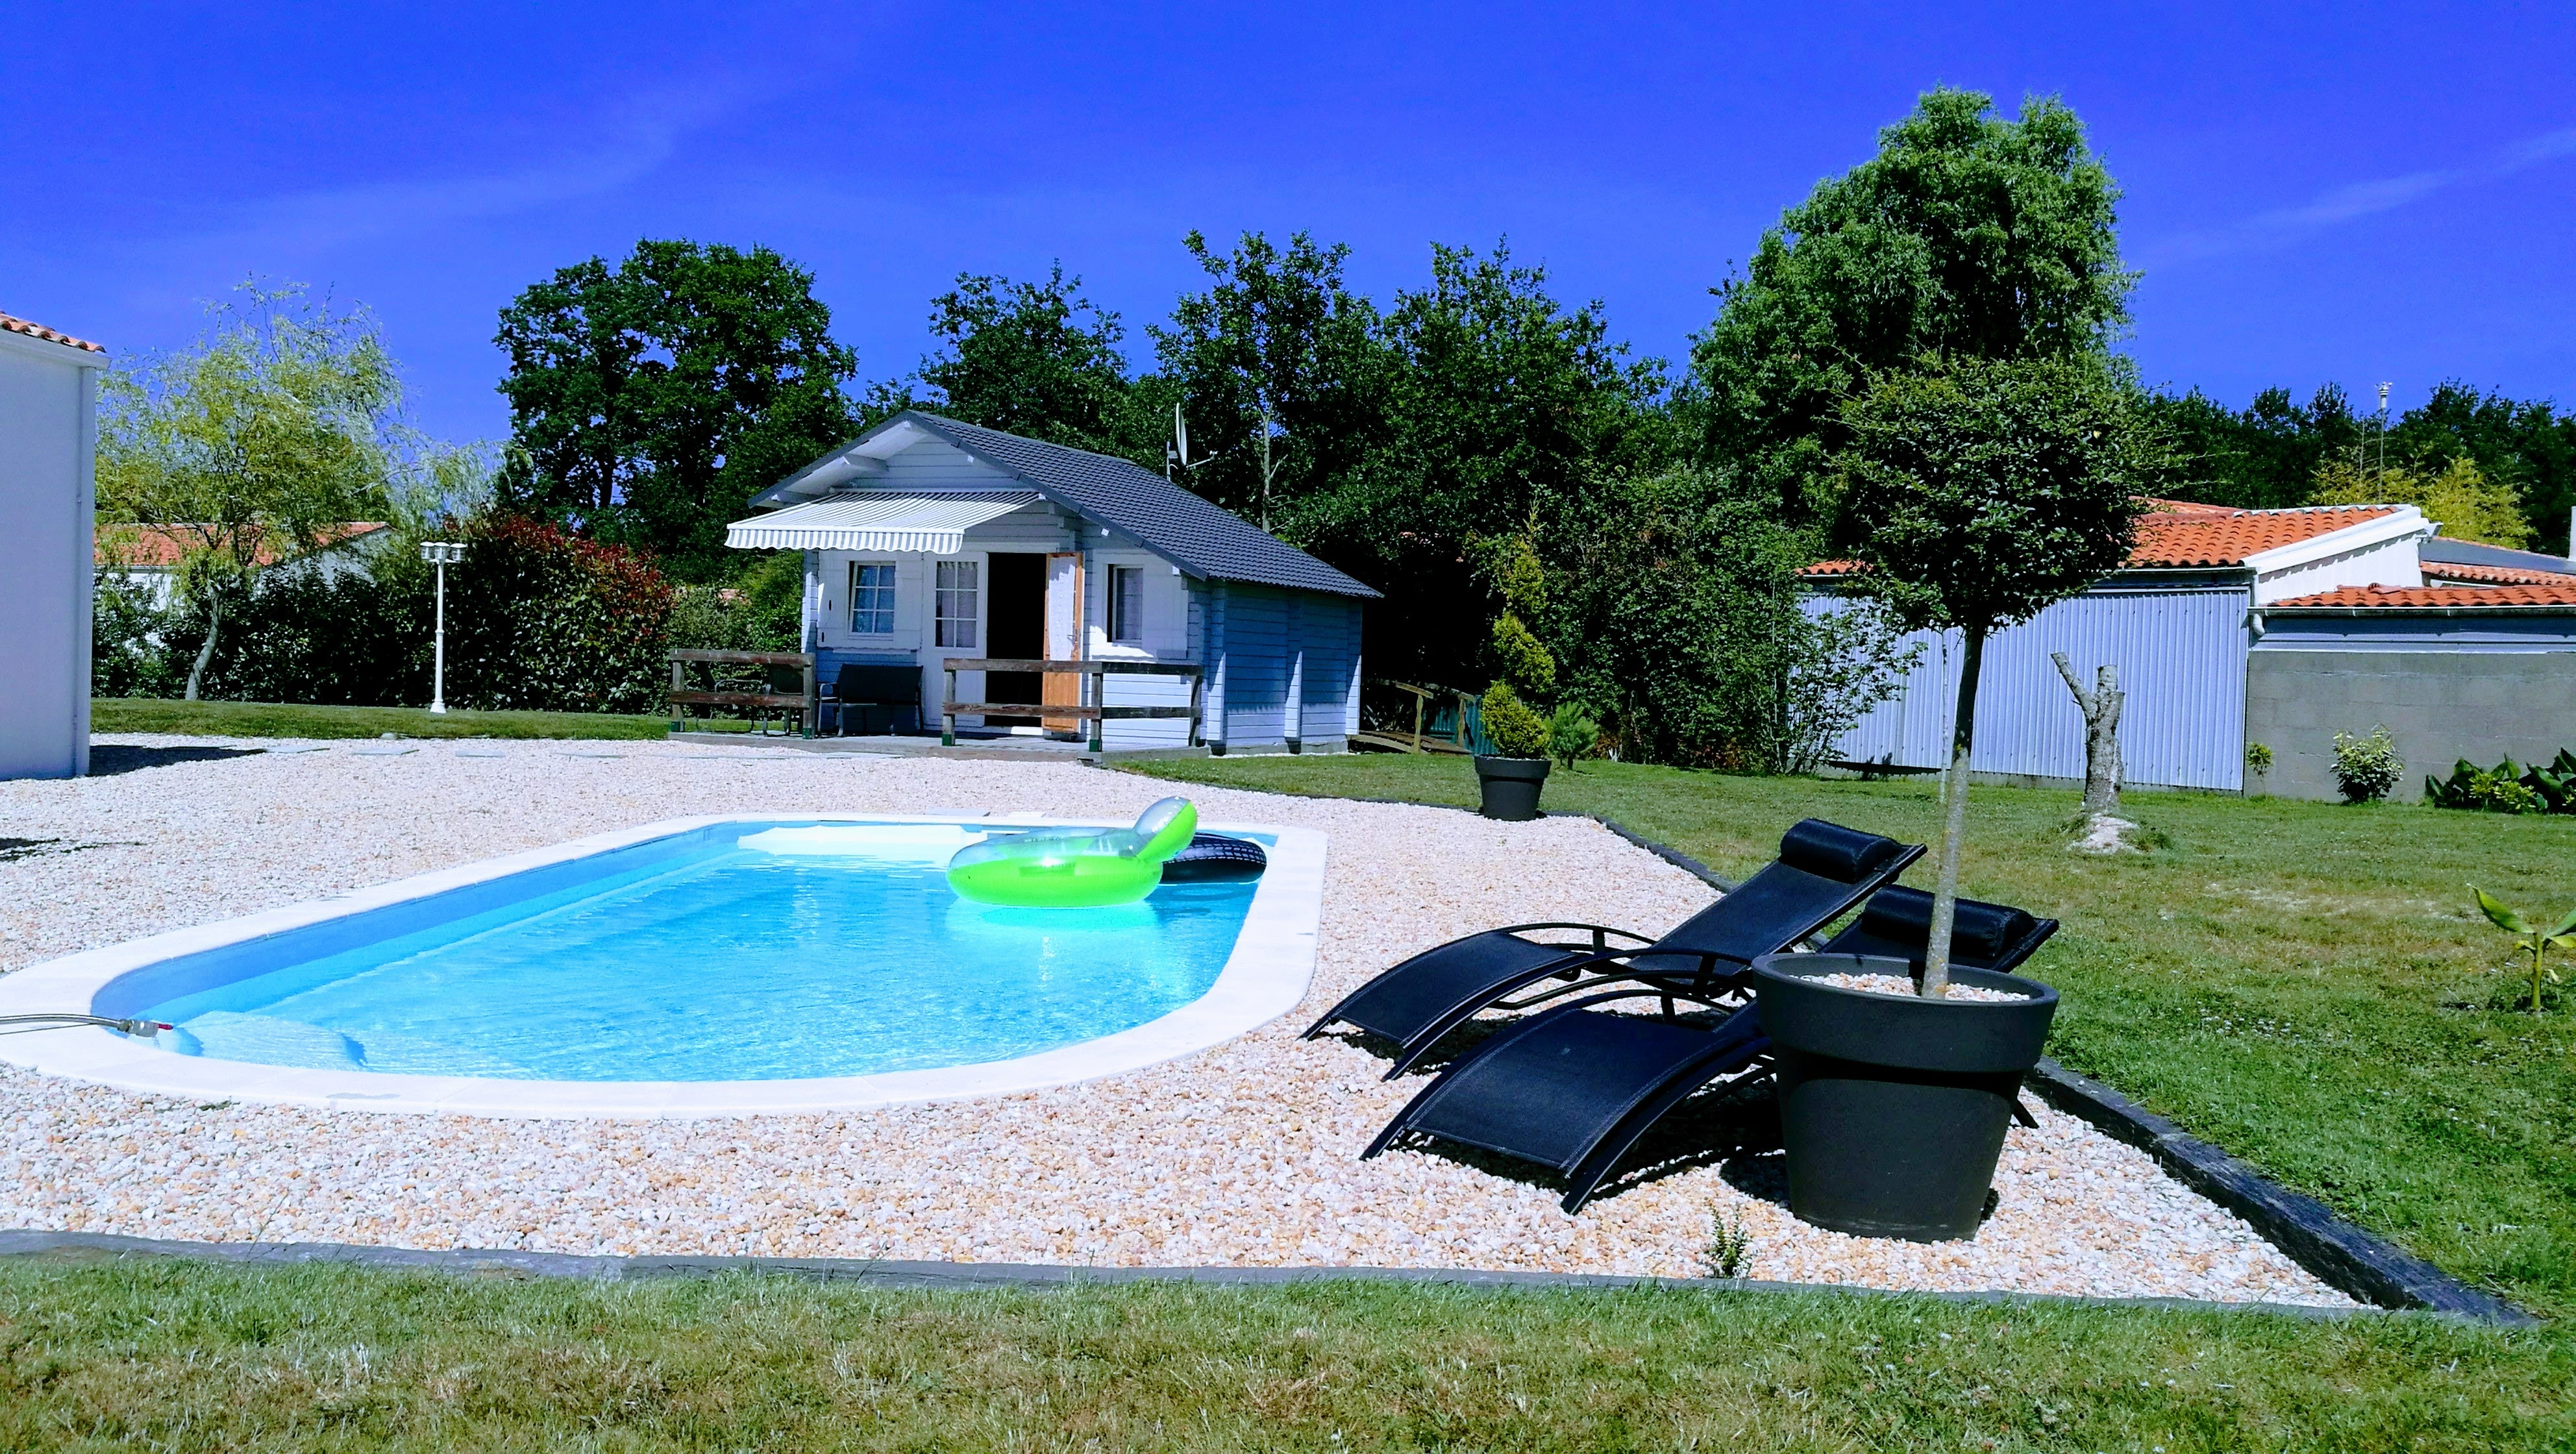 Les gîtes de Fréd et Line, locations de vacances en Vendée